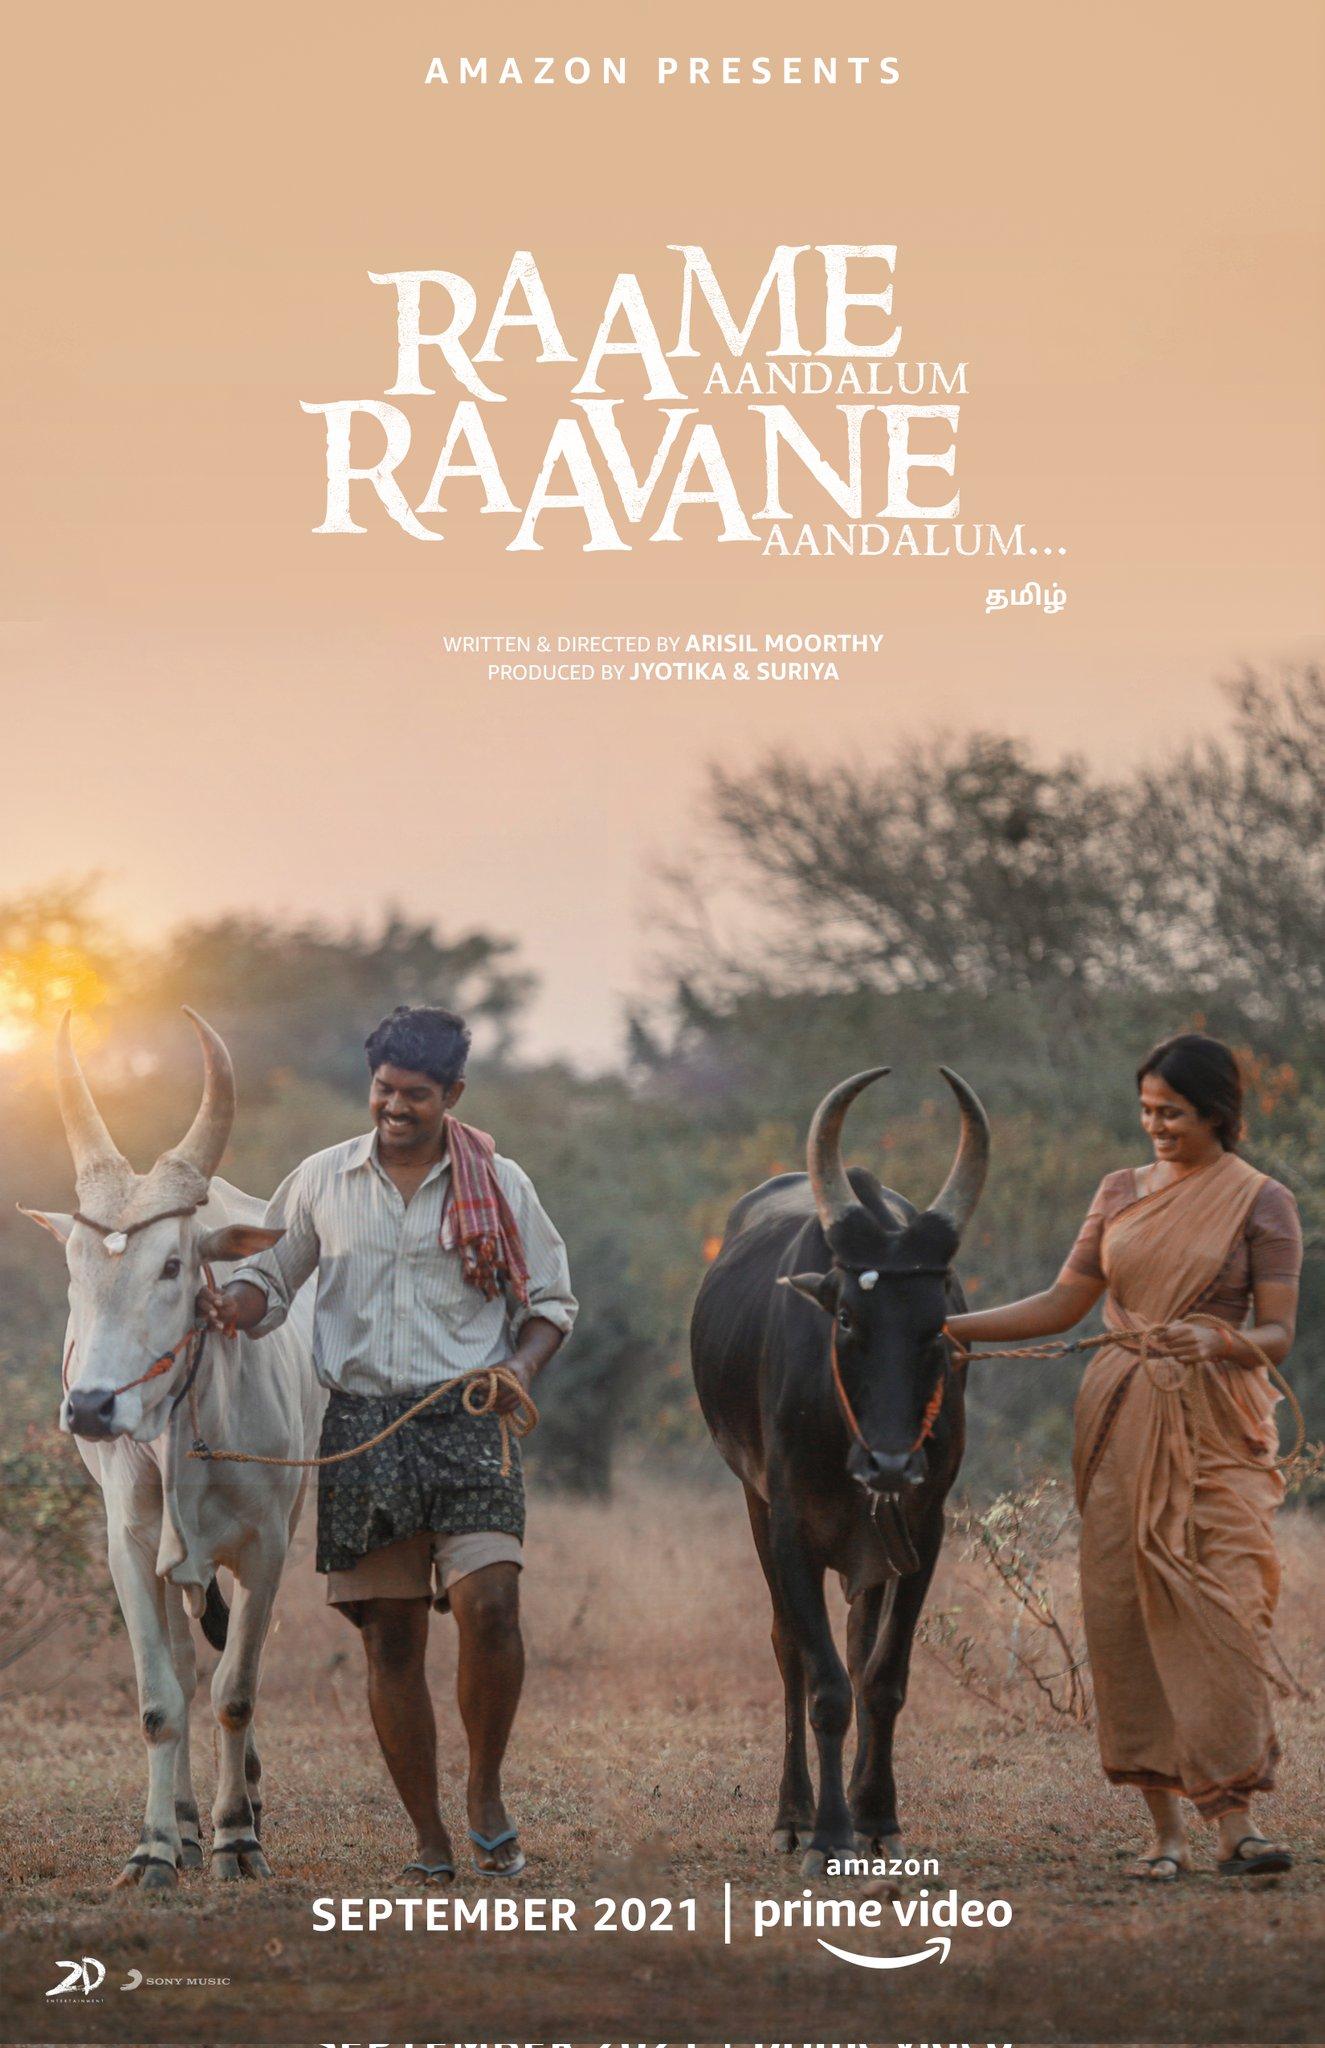 Raame Aandalum Raavane Aandaalum Movie Review